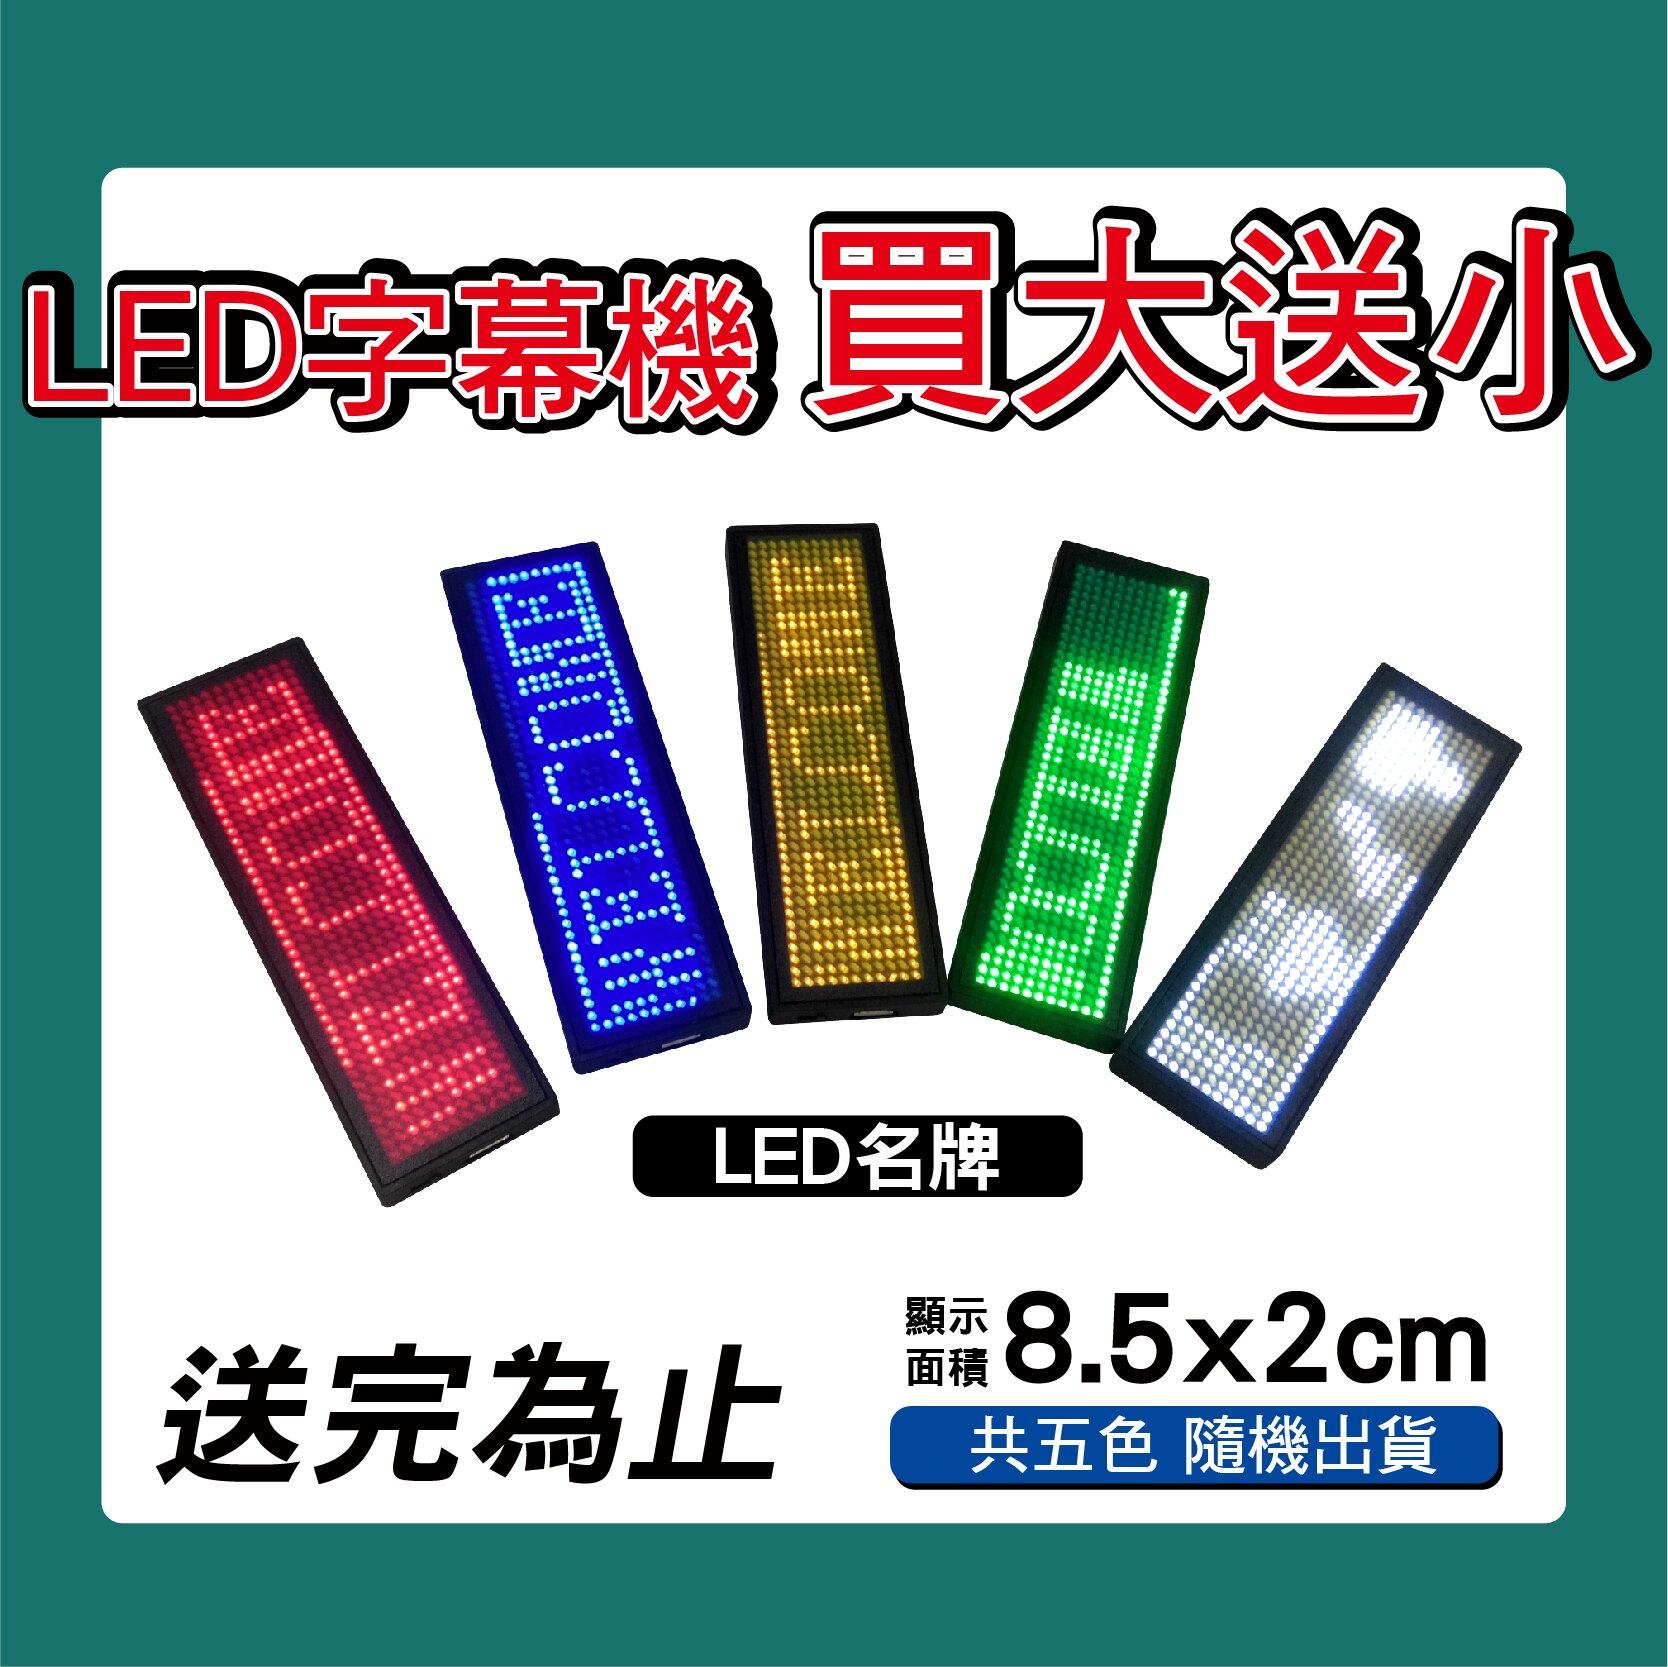 免運 客製化LED字幕機 16x192cm(USB傳輸) 全彩P5《買大送小》電視牆 跑馬燈 含稅保固二年